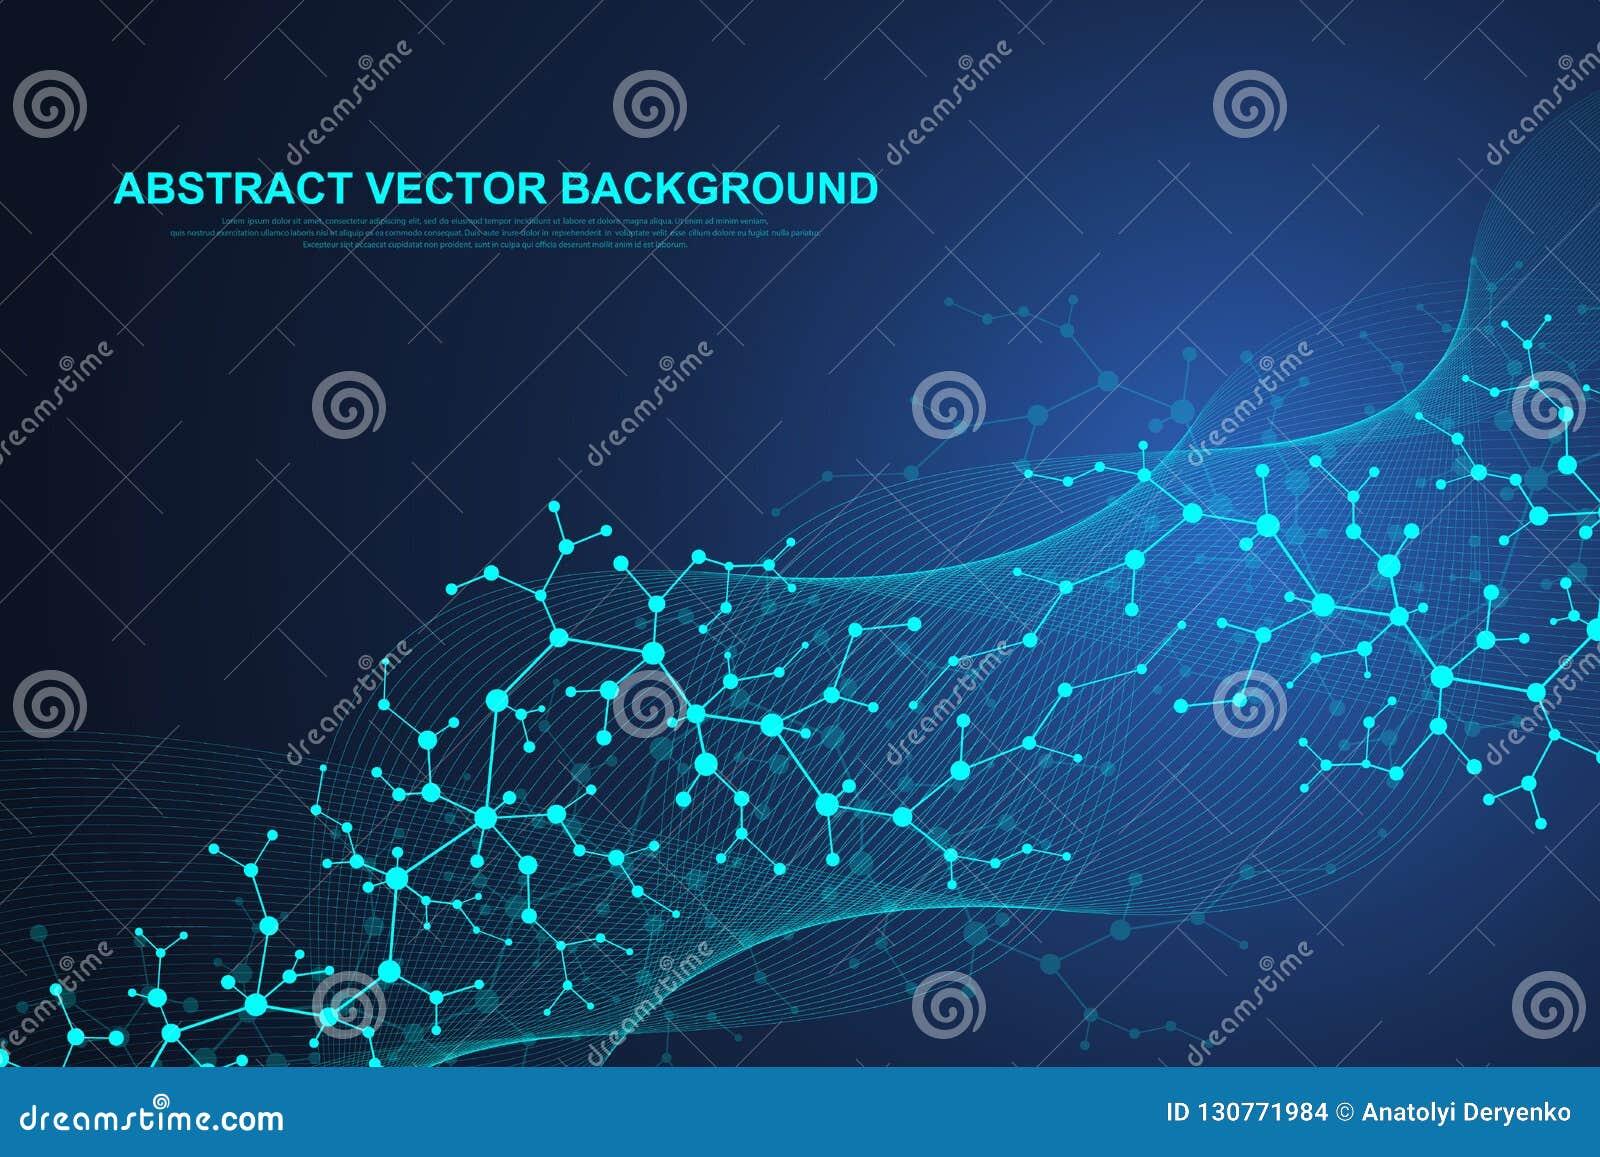 Επιστημονικό υπόβαθρο μορίων για την ιατρική, επιστήμη, τεχνολογία, χημεία Ροή κυμάτων Ταπετσαρία ή έμβλημα με ένα DNA